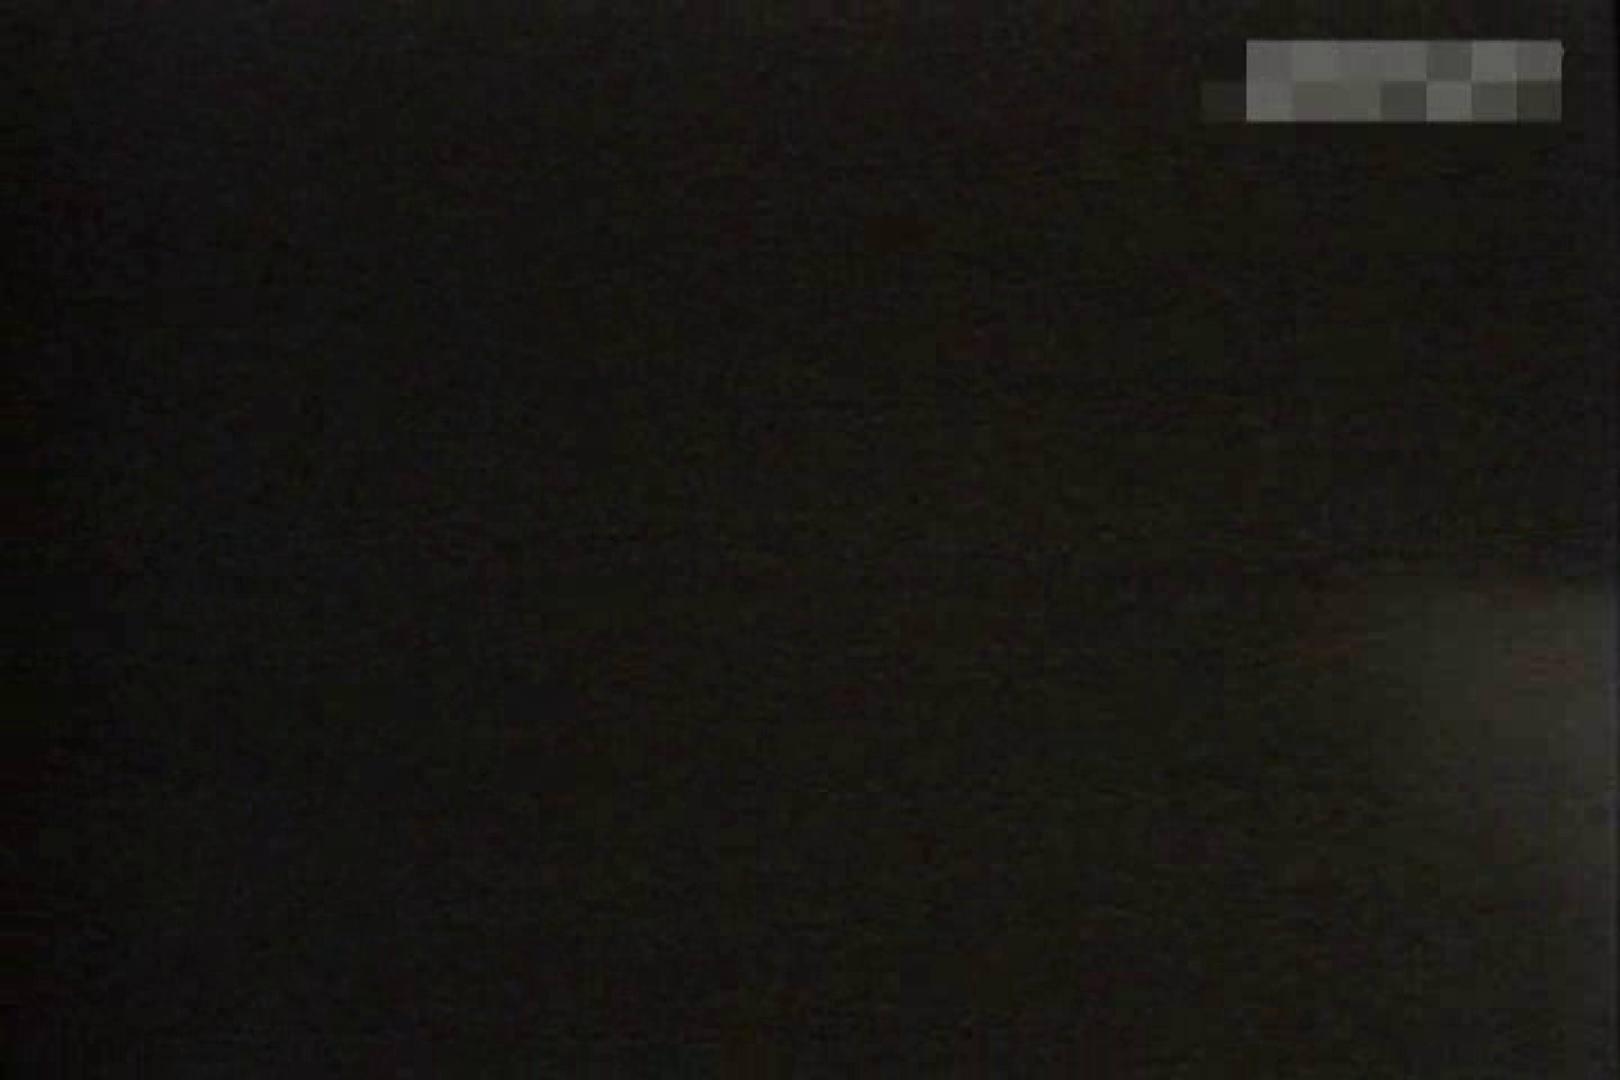 個室狂いのマニア映像Vol.2 OLセックス  98画像 4